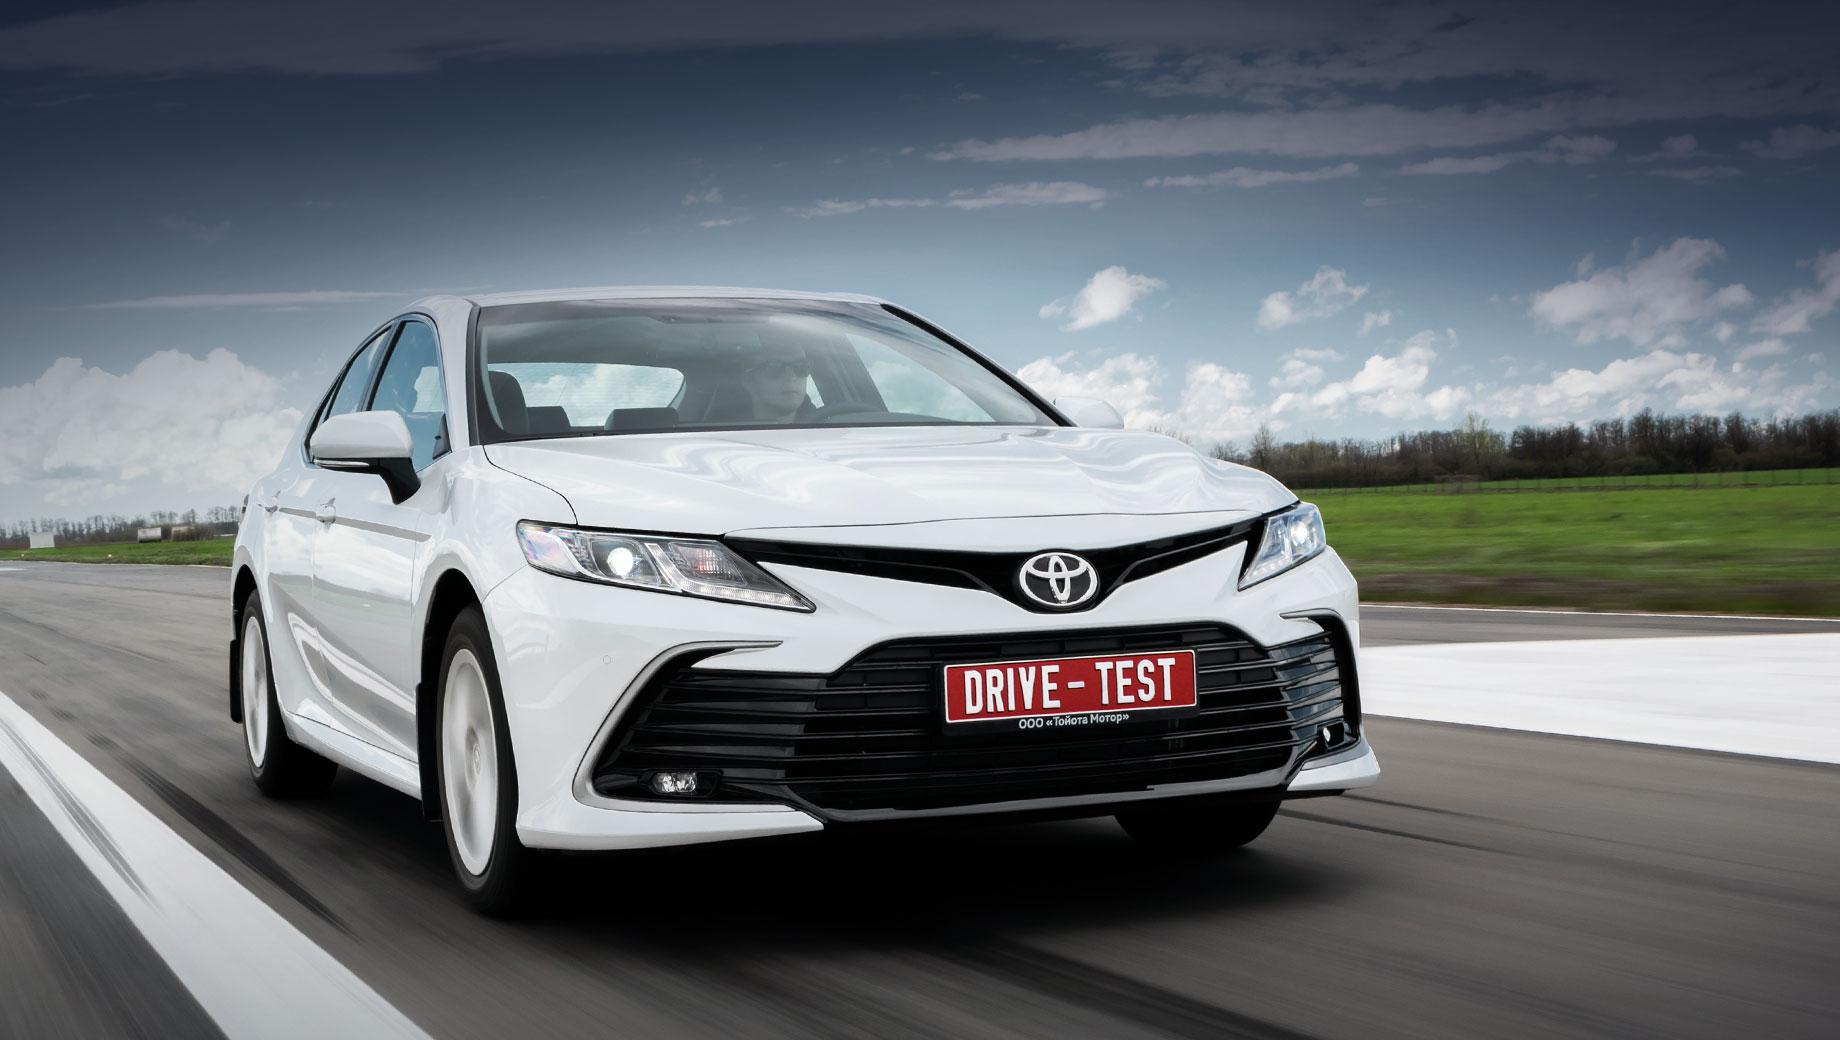 Тест-драйв: Выделяем базовый среди обновлённых седанов Toyota Camry